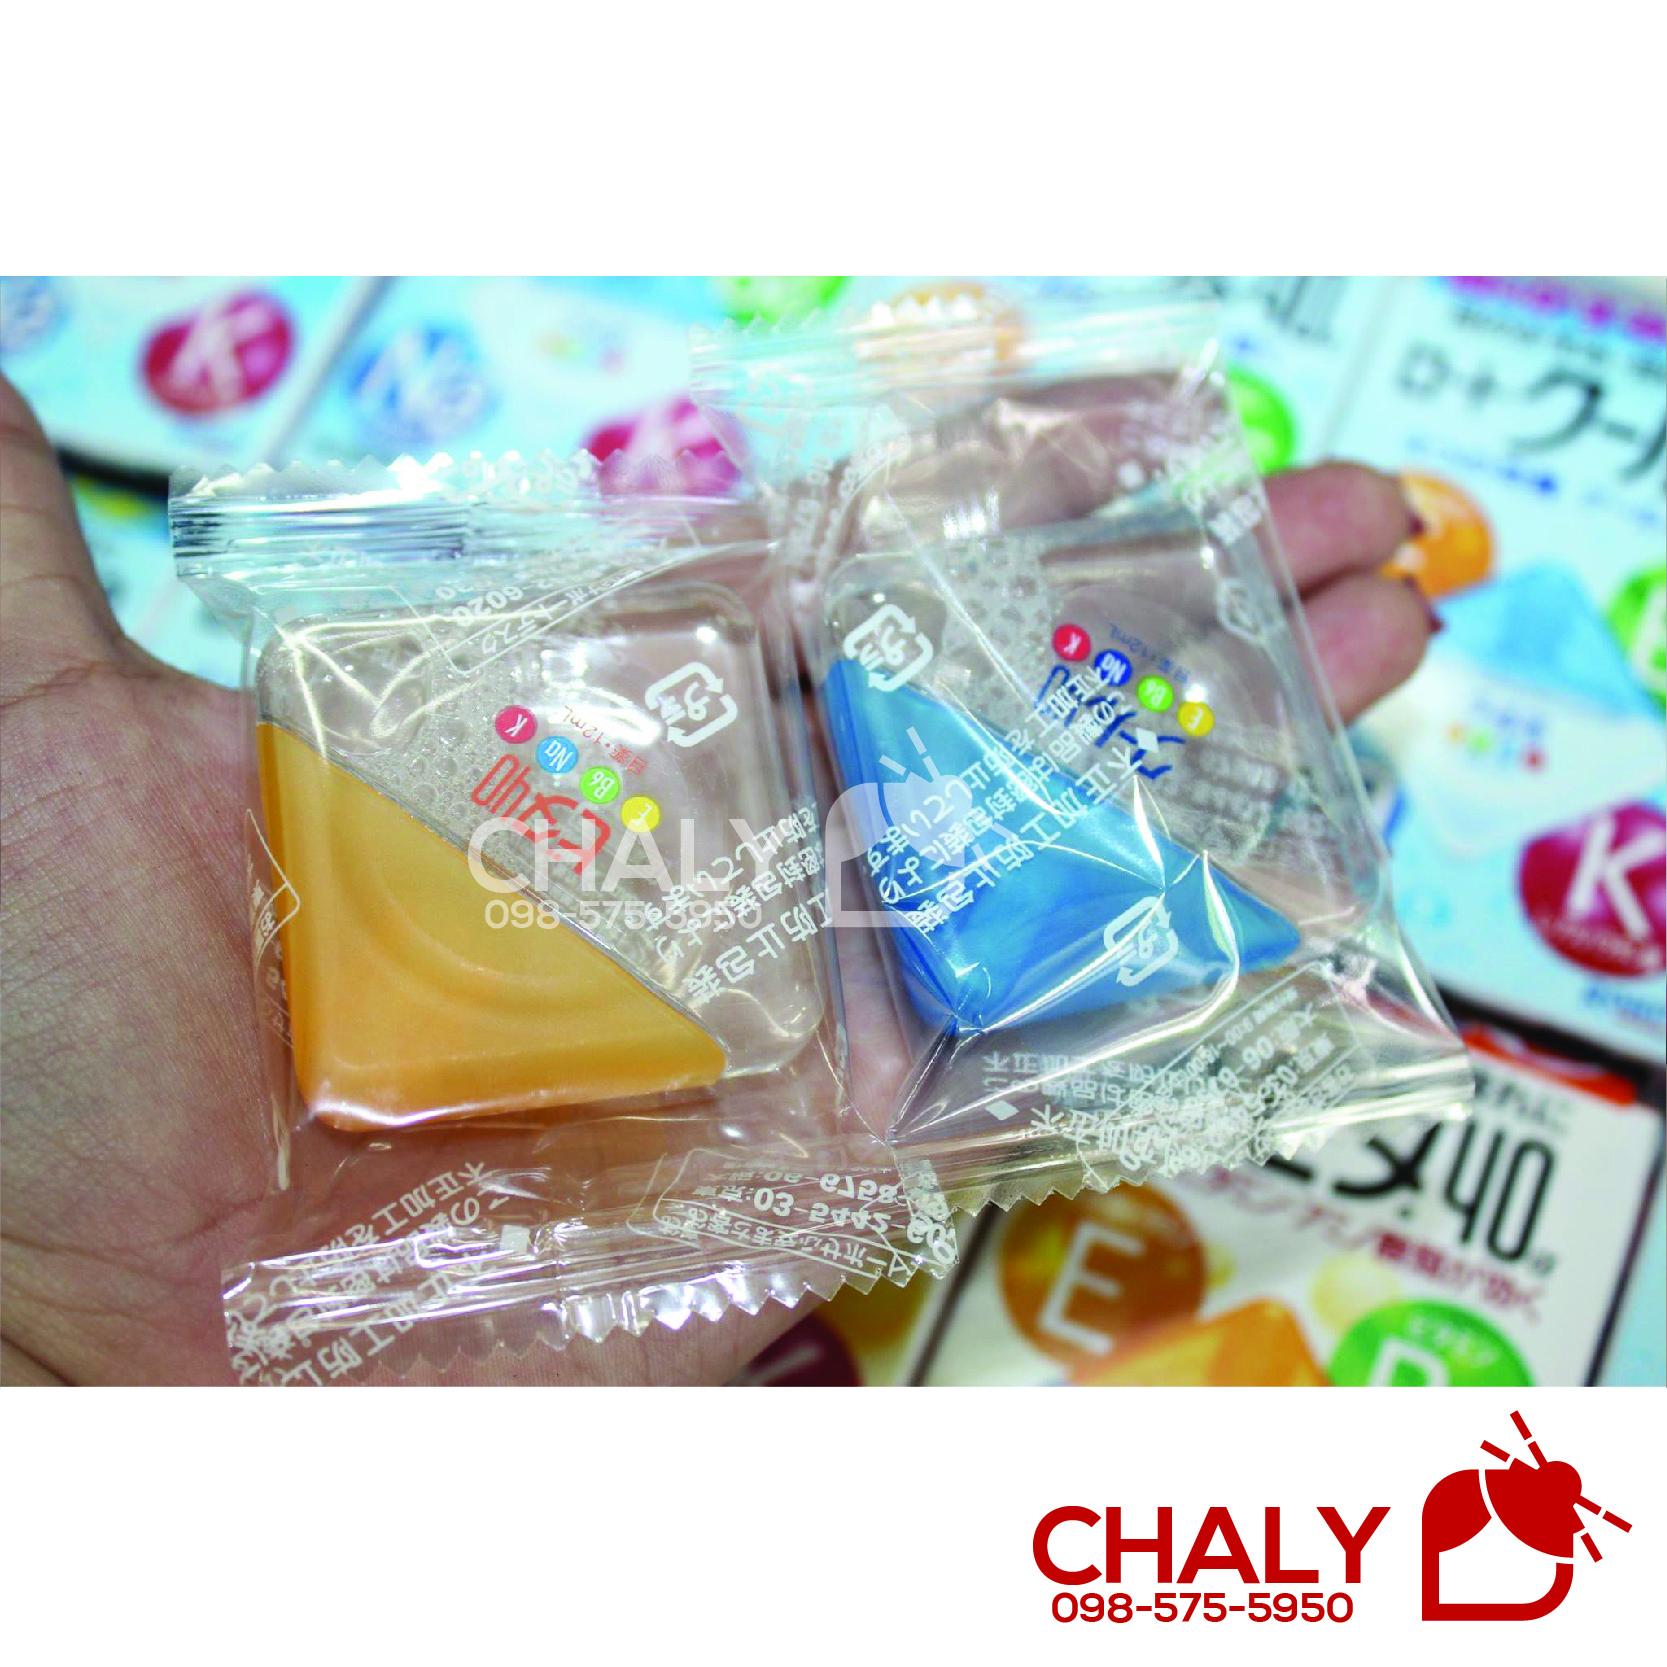 Thuốc nhỏ mắt rohto nhật màu xanh và thuốc nhỏ mắt rohto màu vàng đều có công dụng như nhau đối với mắt